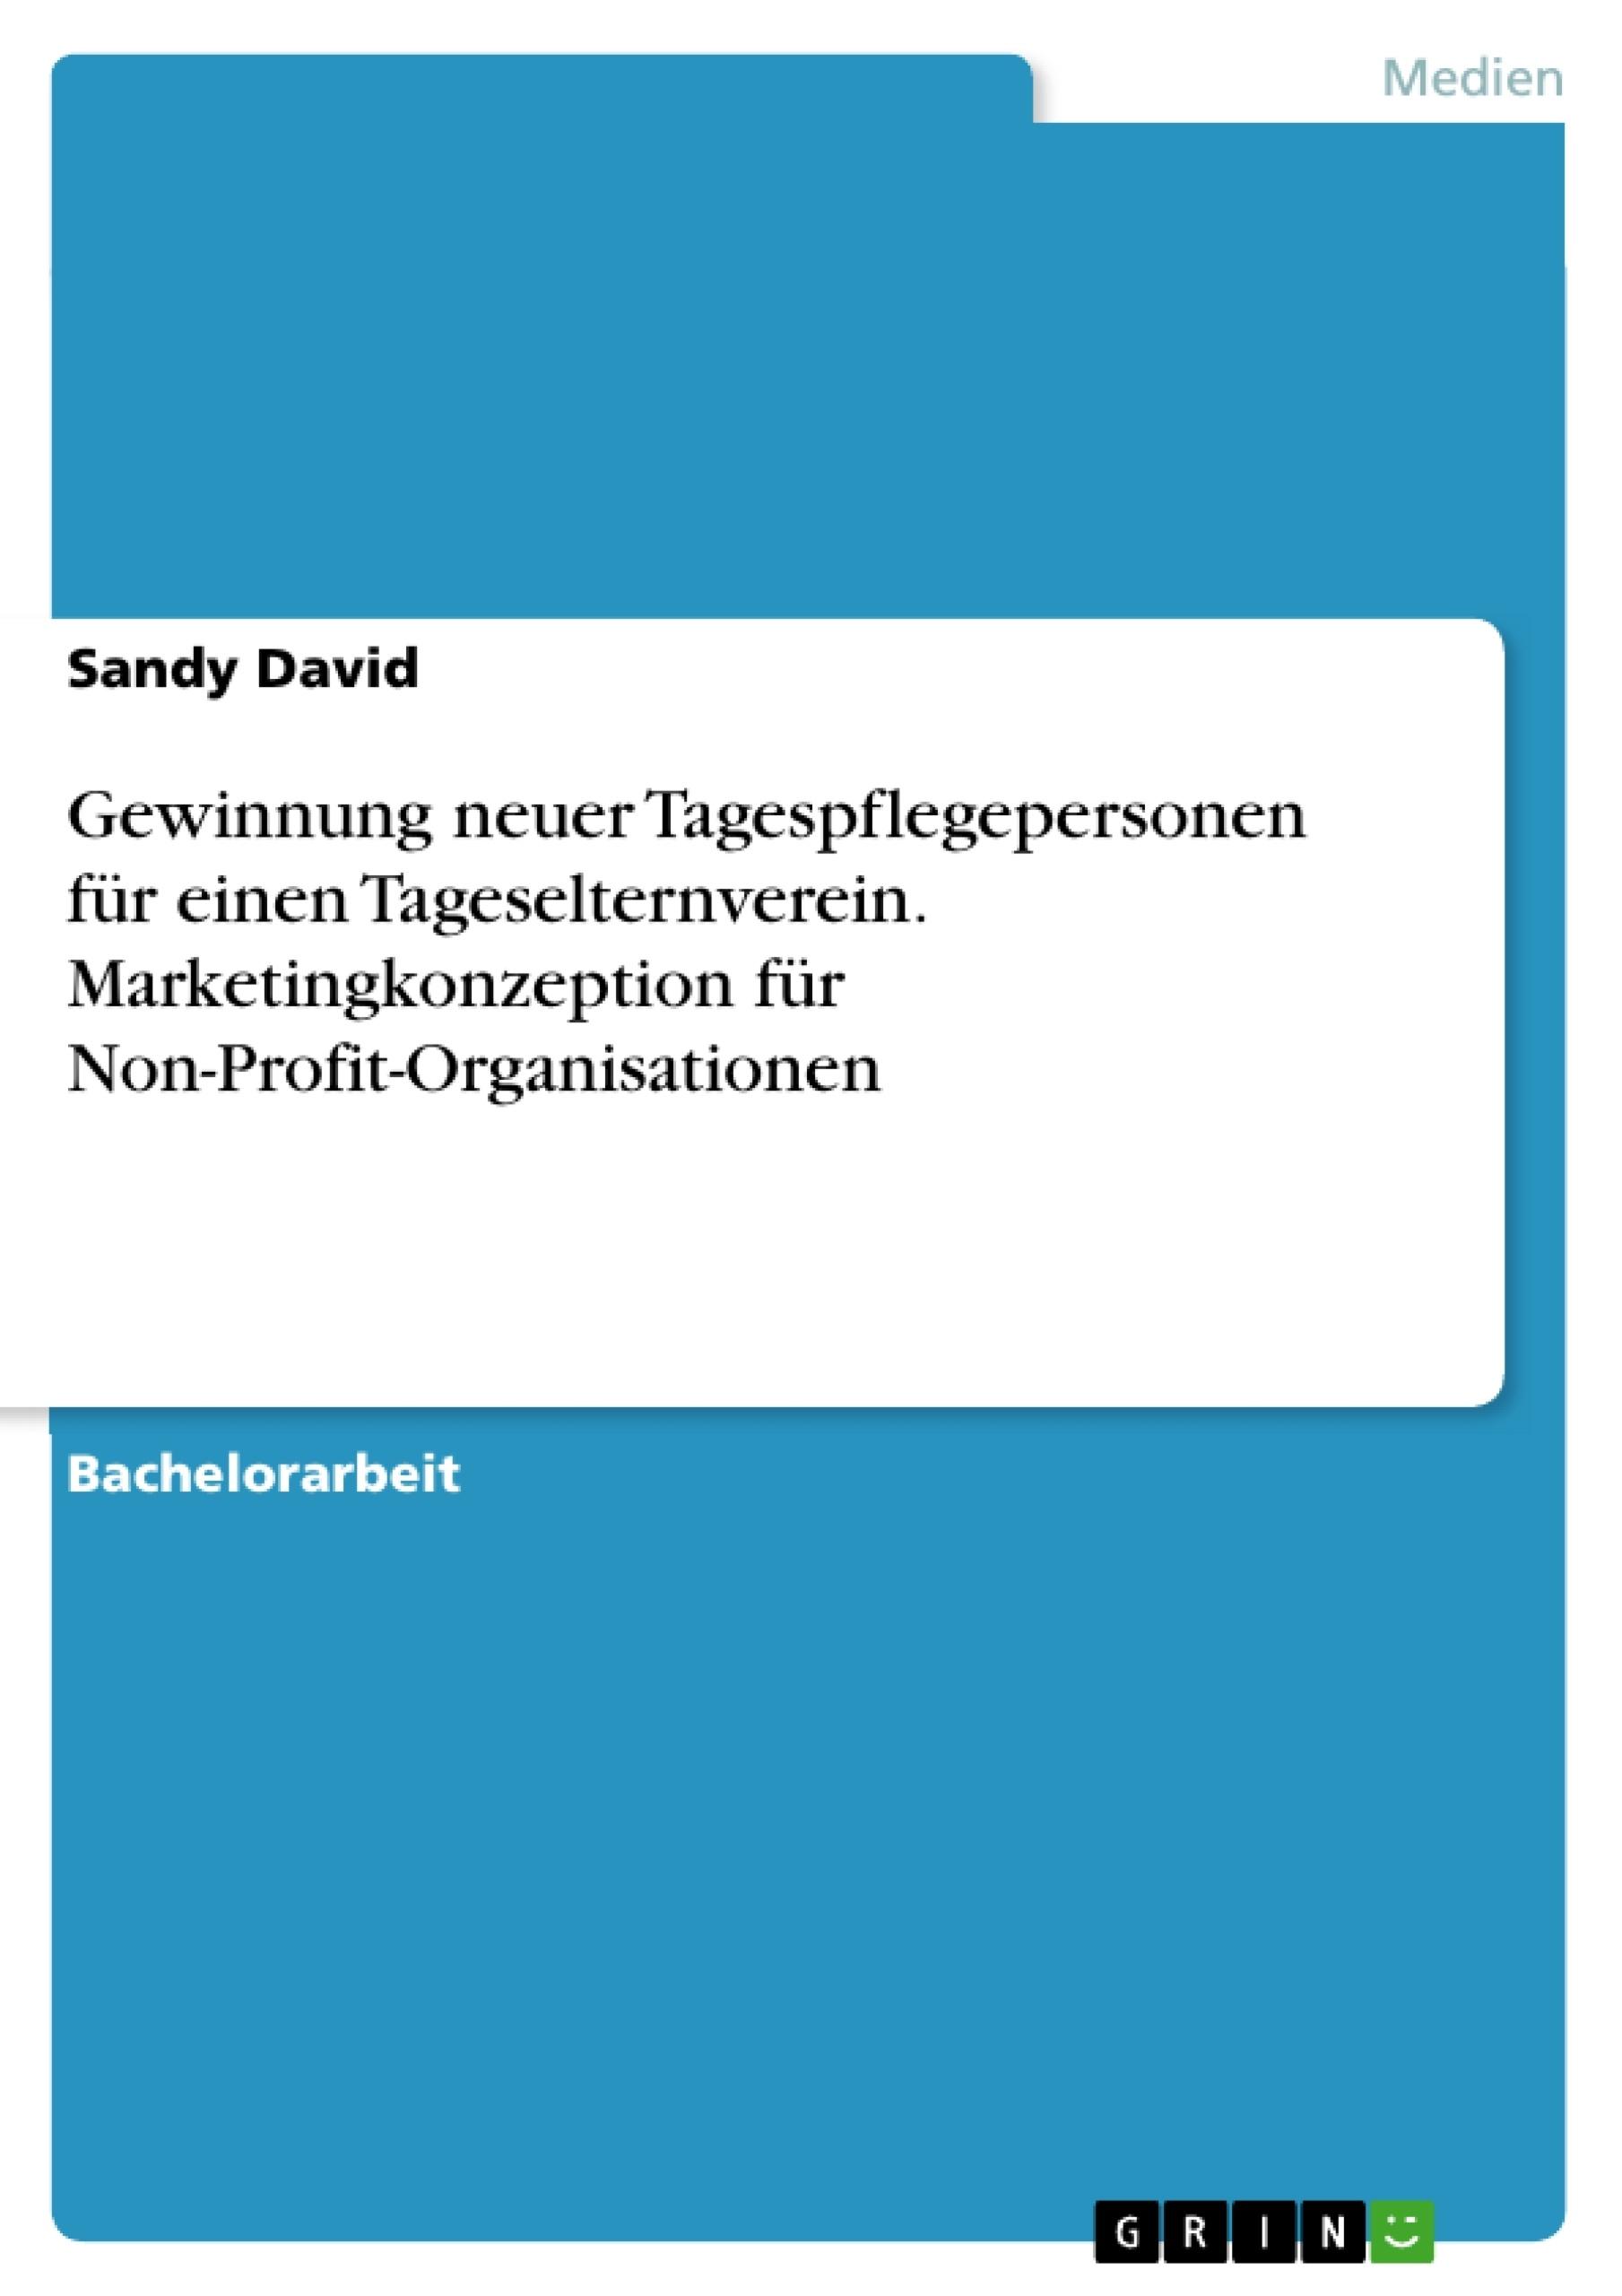 Titel: Gewinnung neuer Tagespflegepersonen für einen Tageselternverein. Marketingkonzeption für Non-Profit-Organisationen